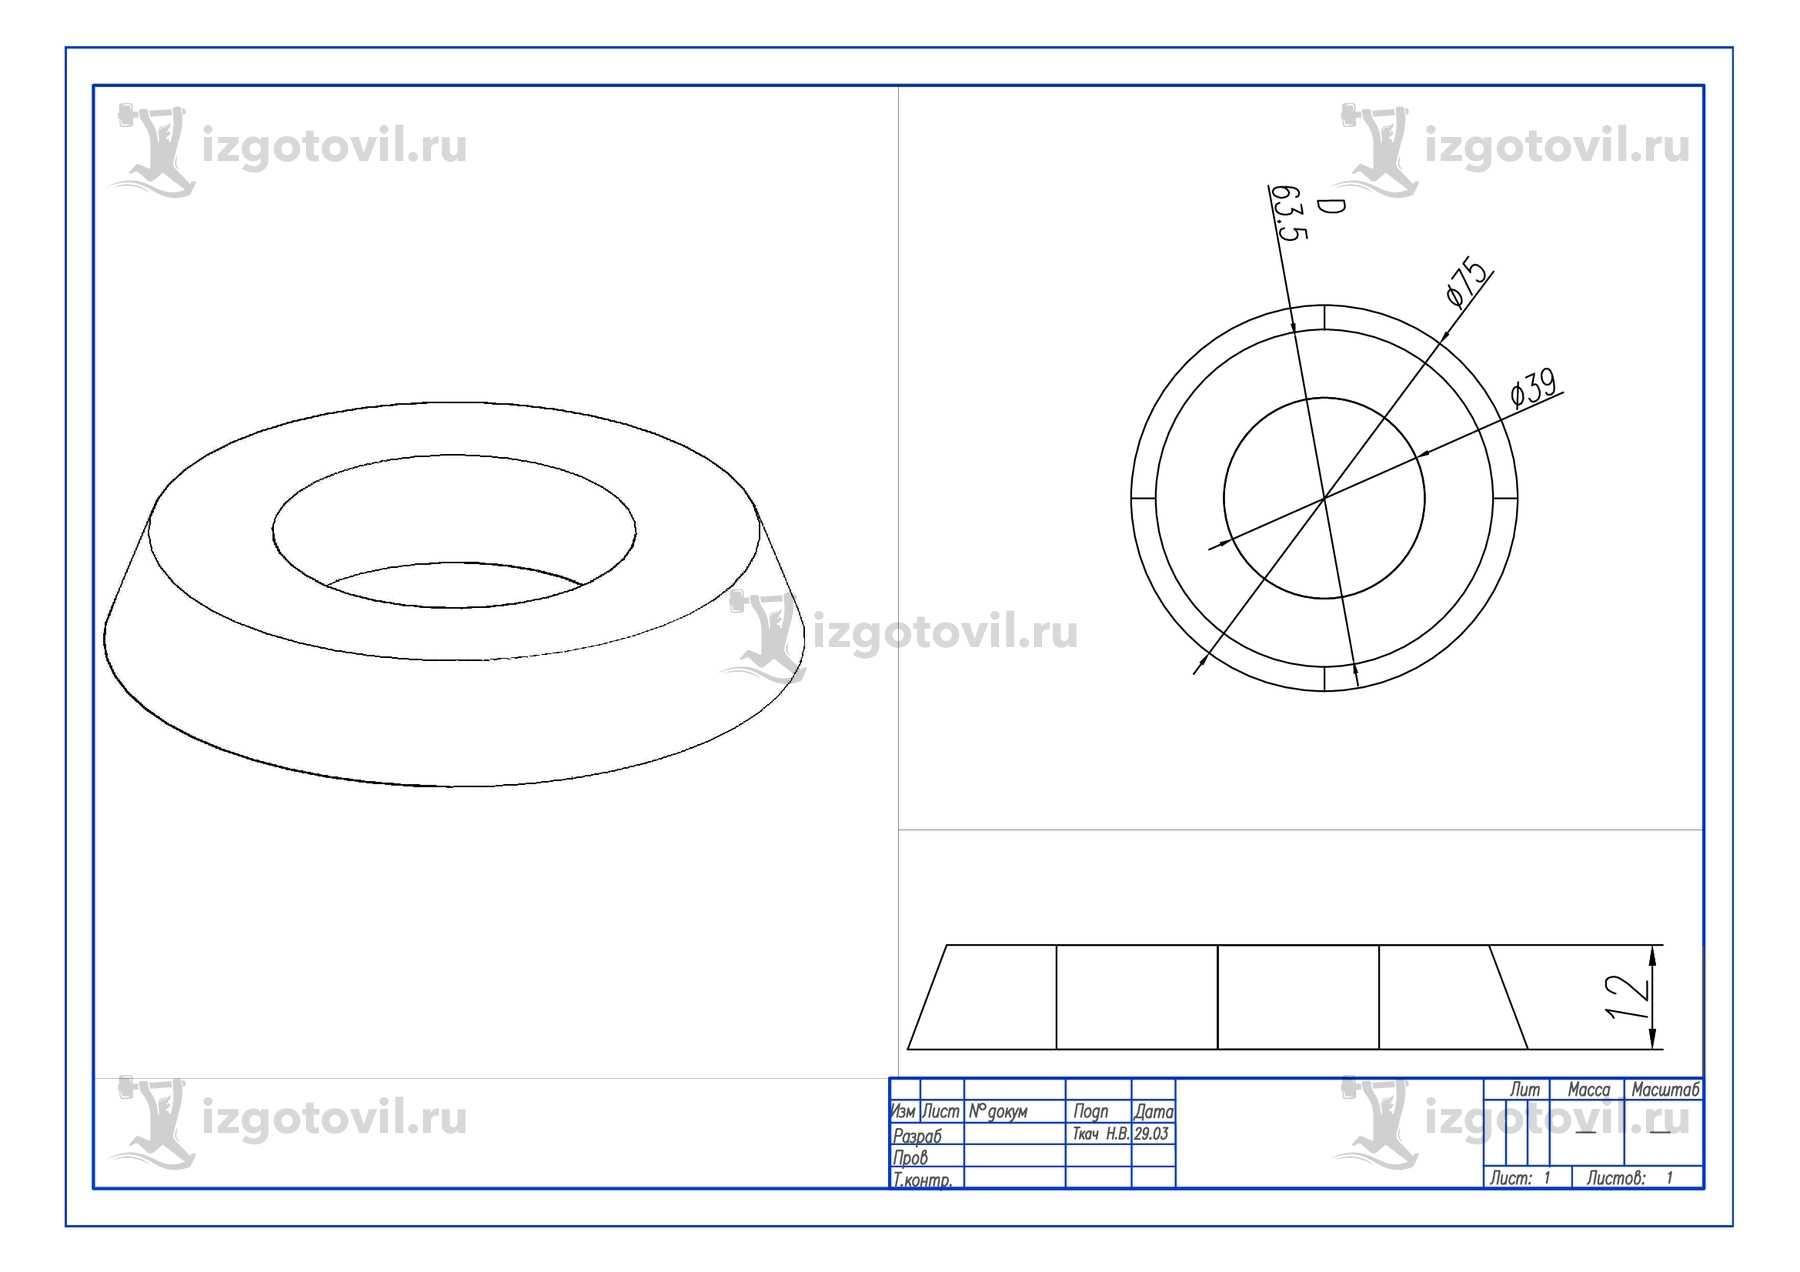 Изготовление цилиндрических деталей (роликовый нож для листогиба)